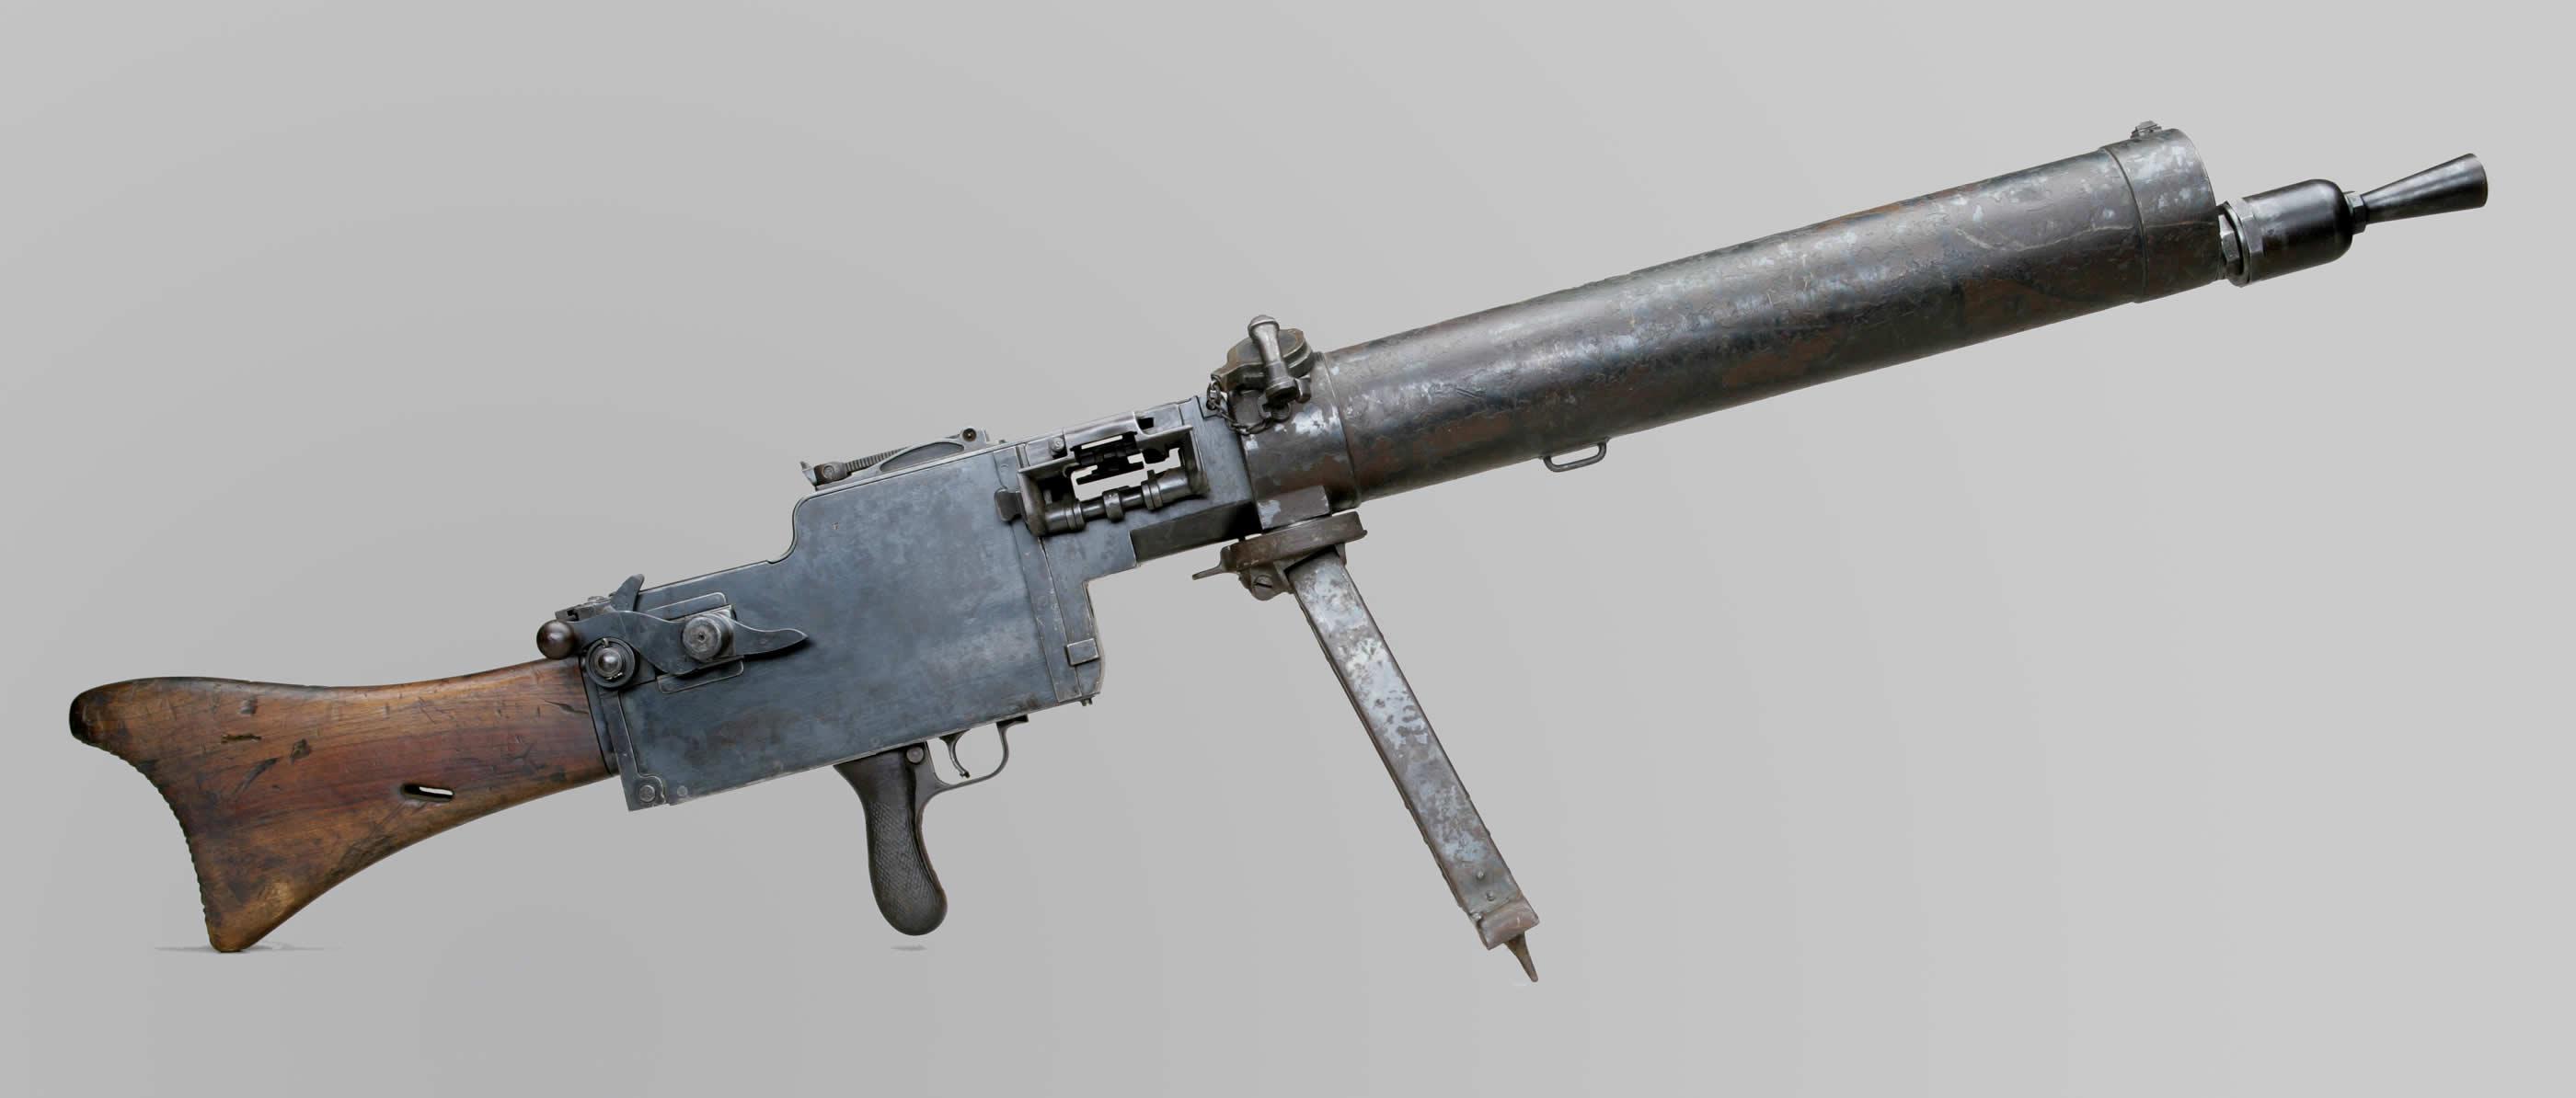 Mitrailleuse légère allemande Spandau de 7,92mm